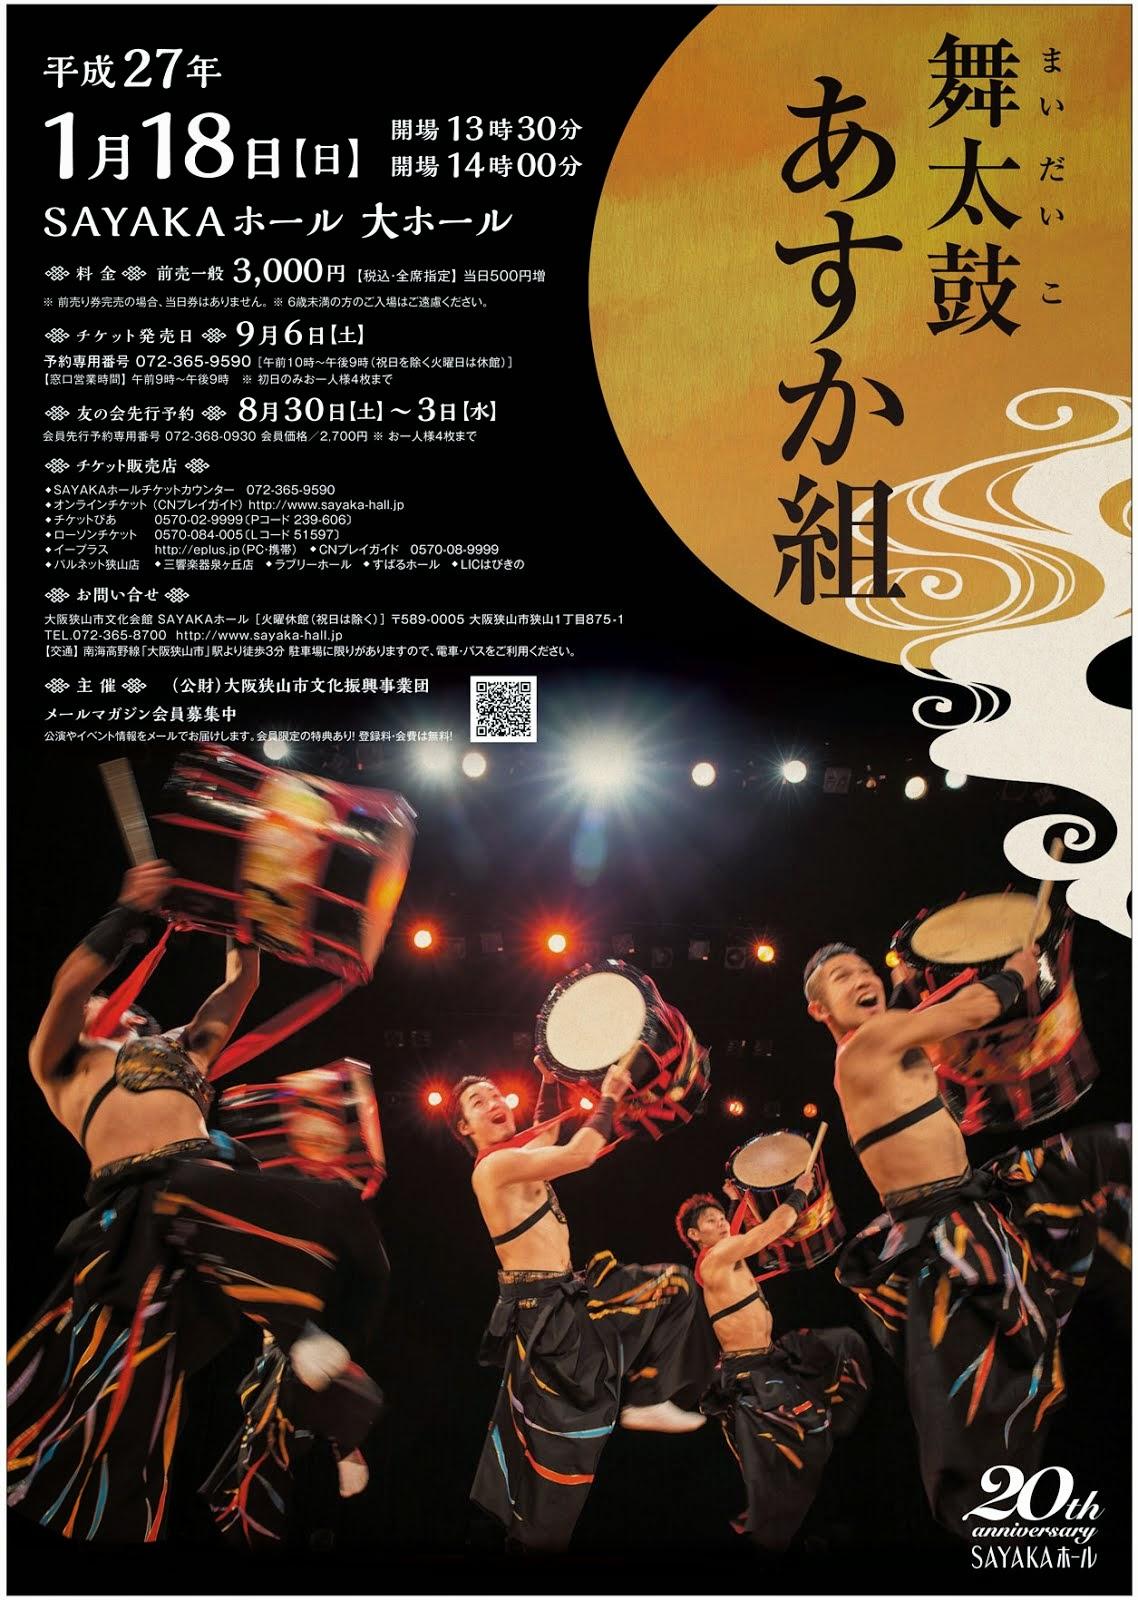 2015年大阪公演